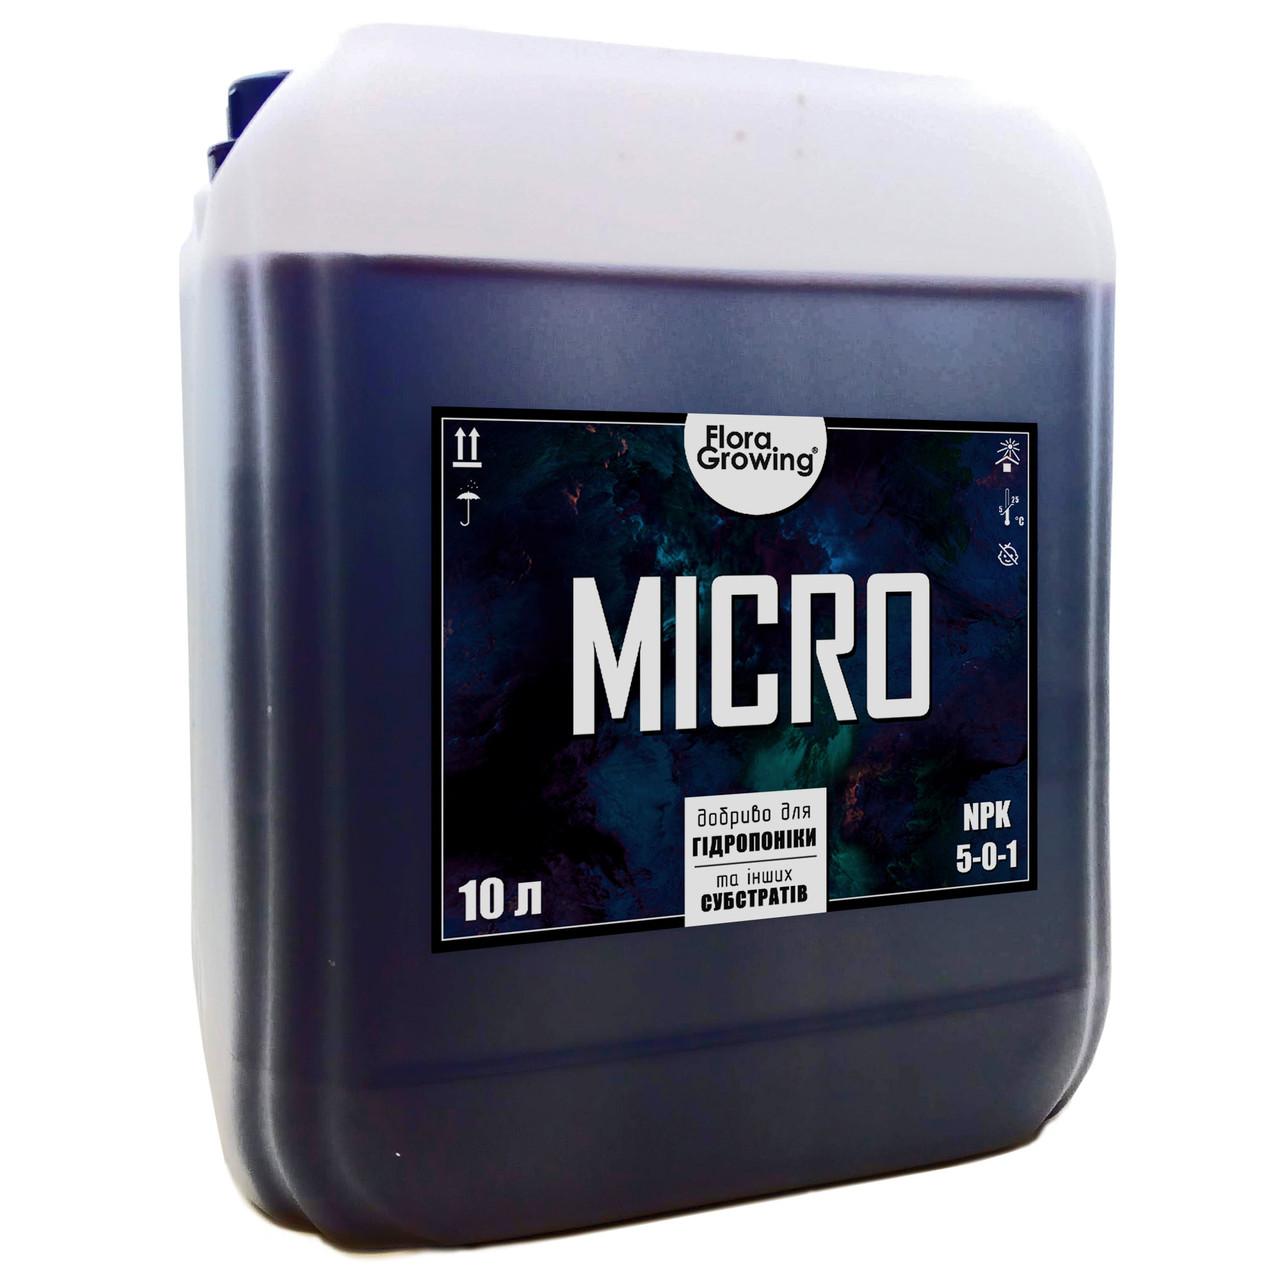 10 л Micro - компонент удобрений для гидропоники и почвы (аналог GHE)